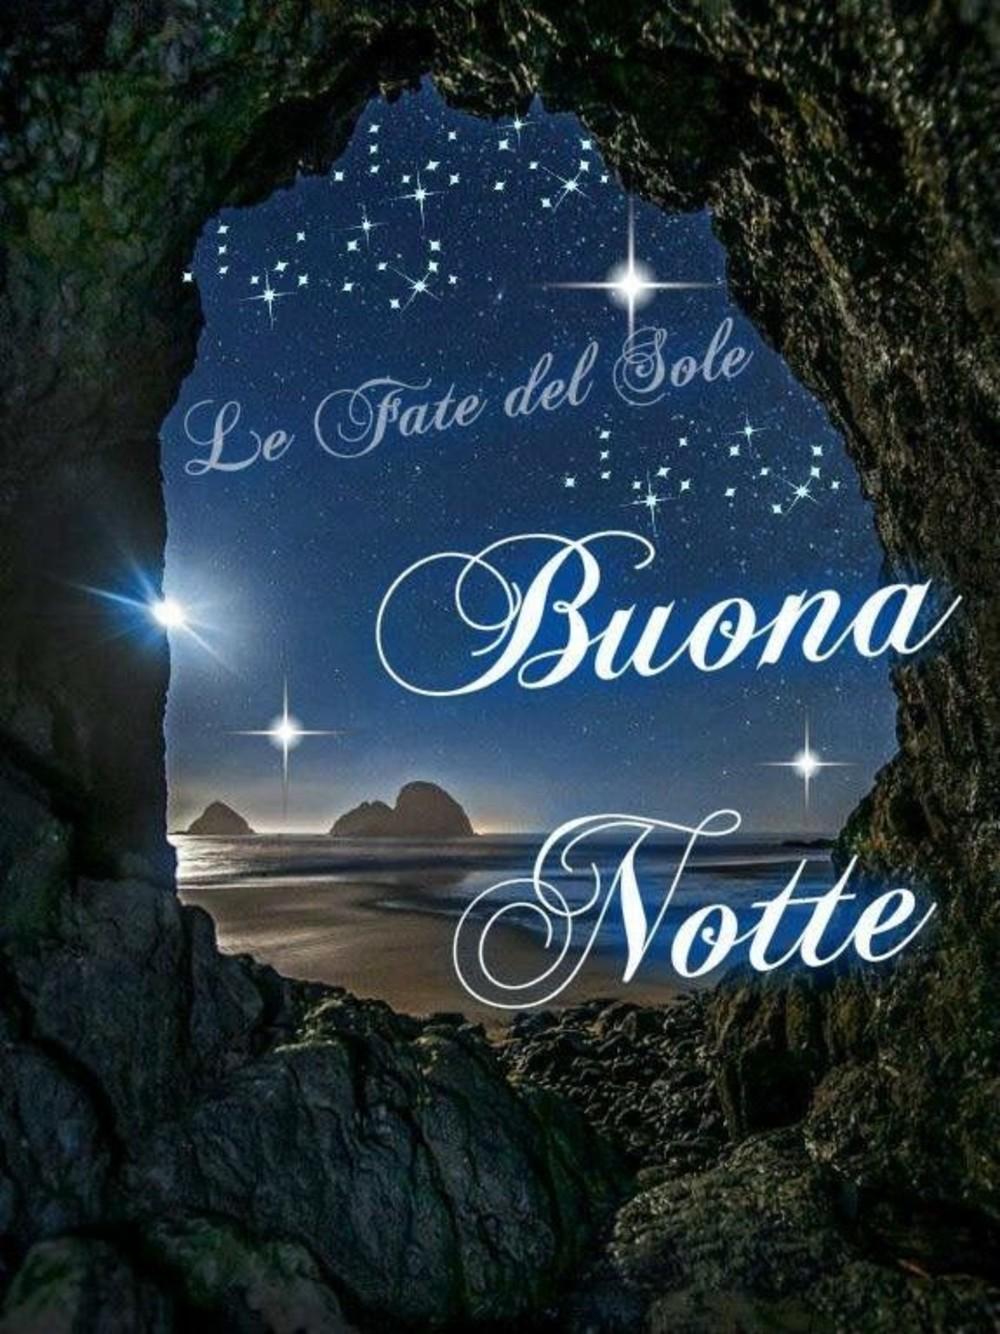 Immagini Gratis Buonanotte Da Condividere 7 Fotowhatsapp It